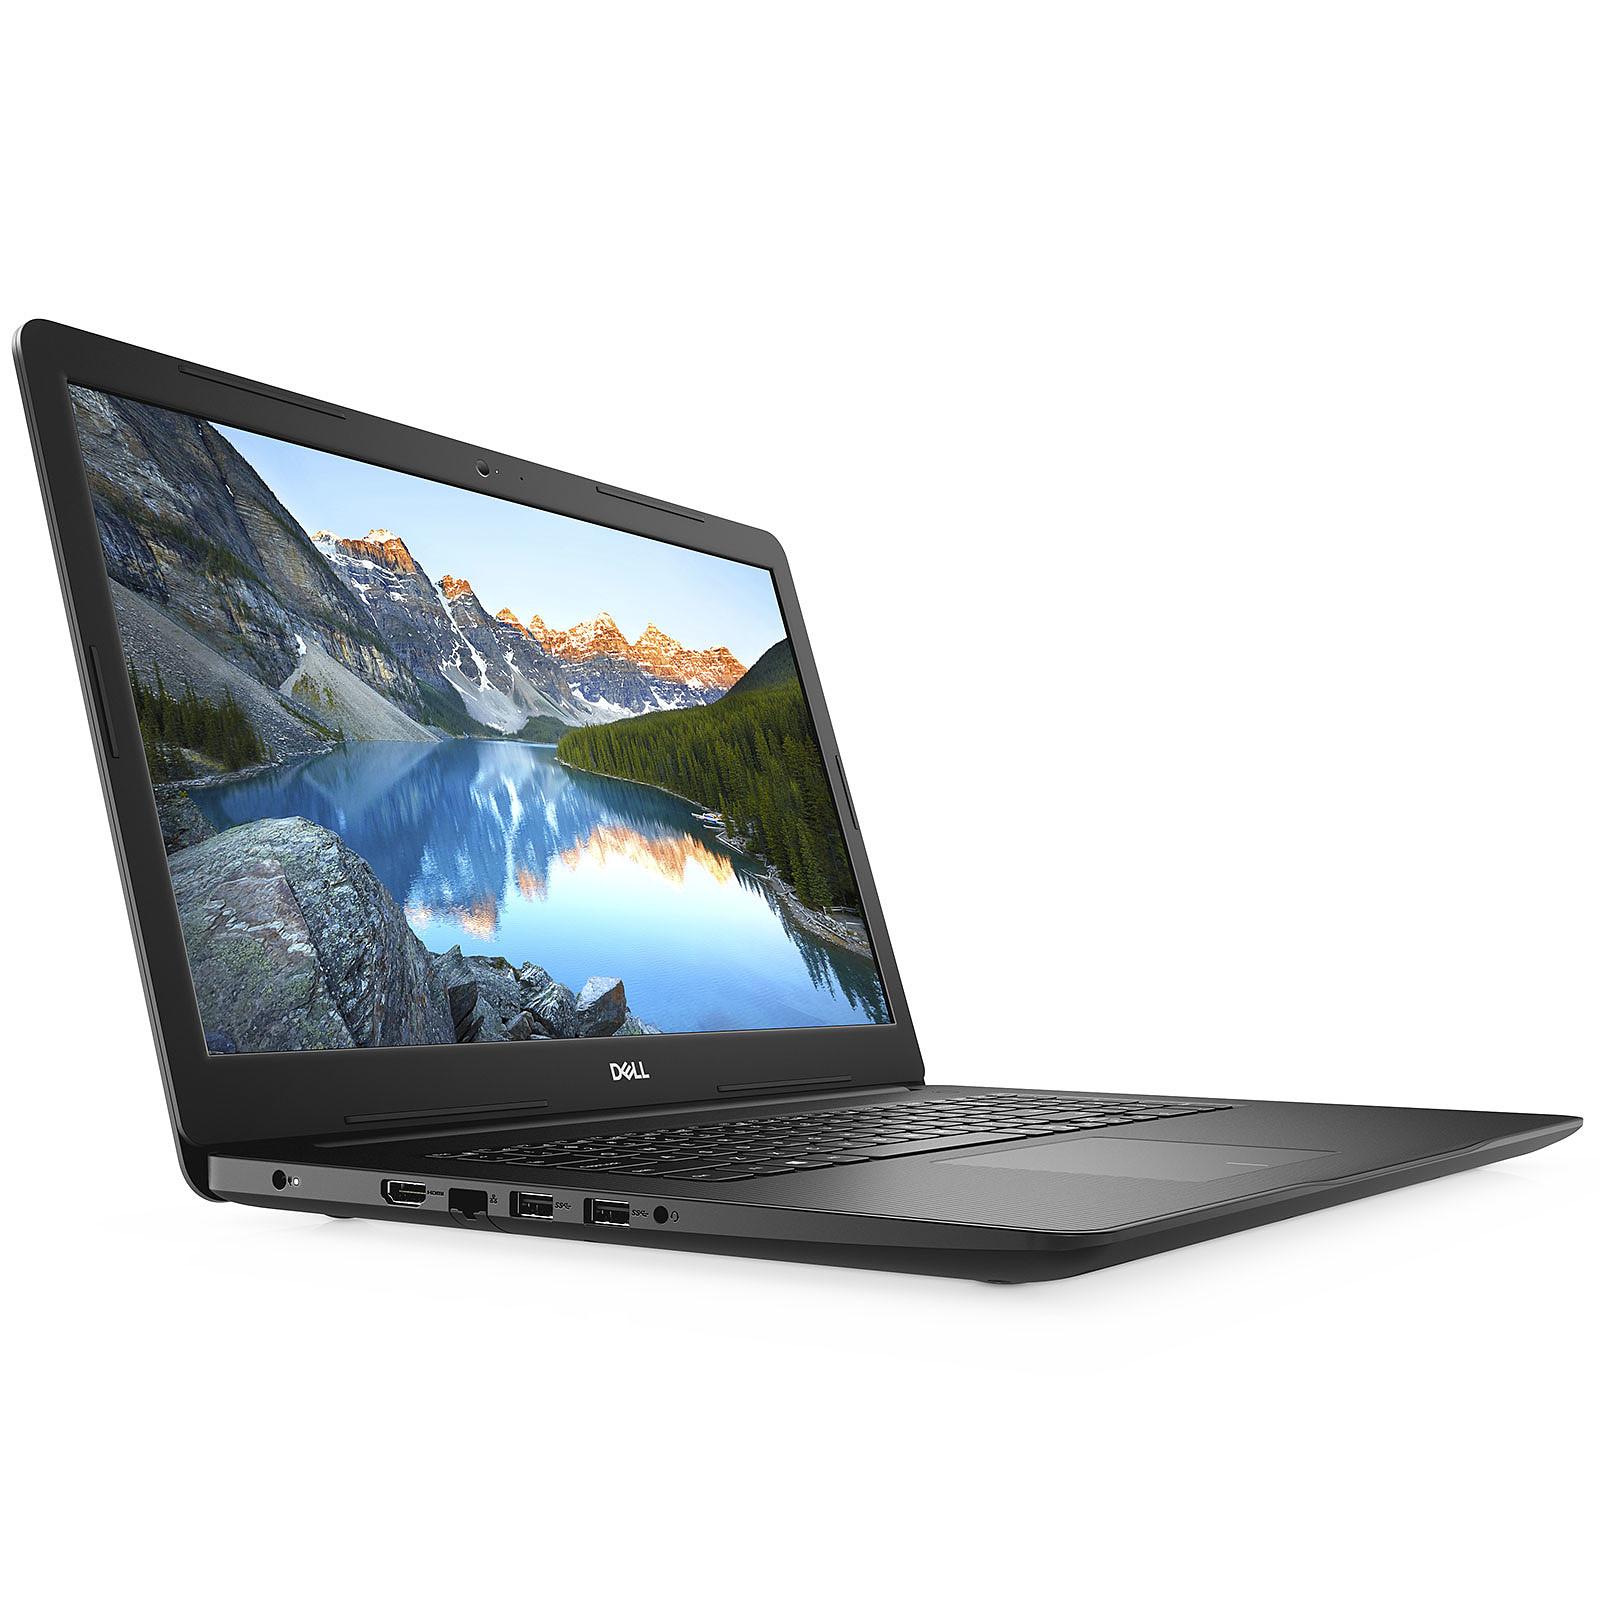 Dell Inspiron 17 3780 (T3DJH)